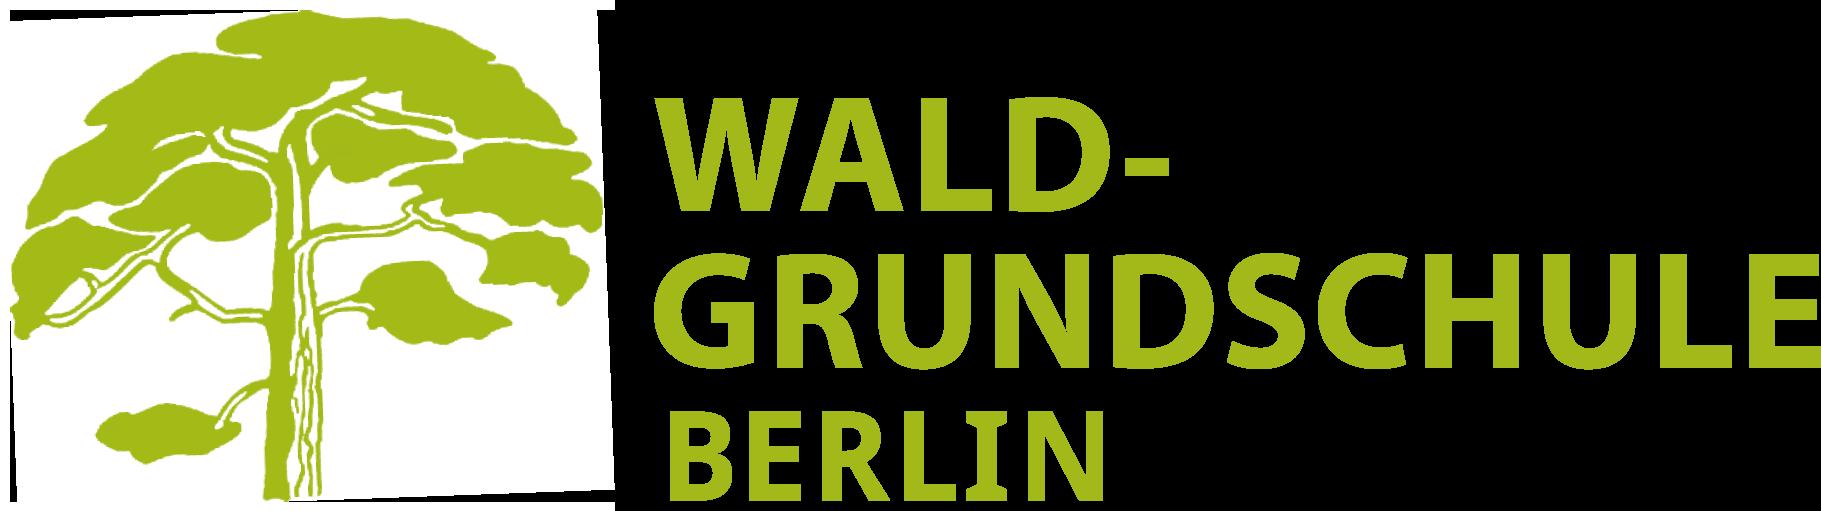 Wald-Grundschule